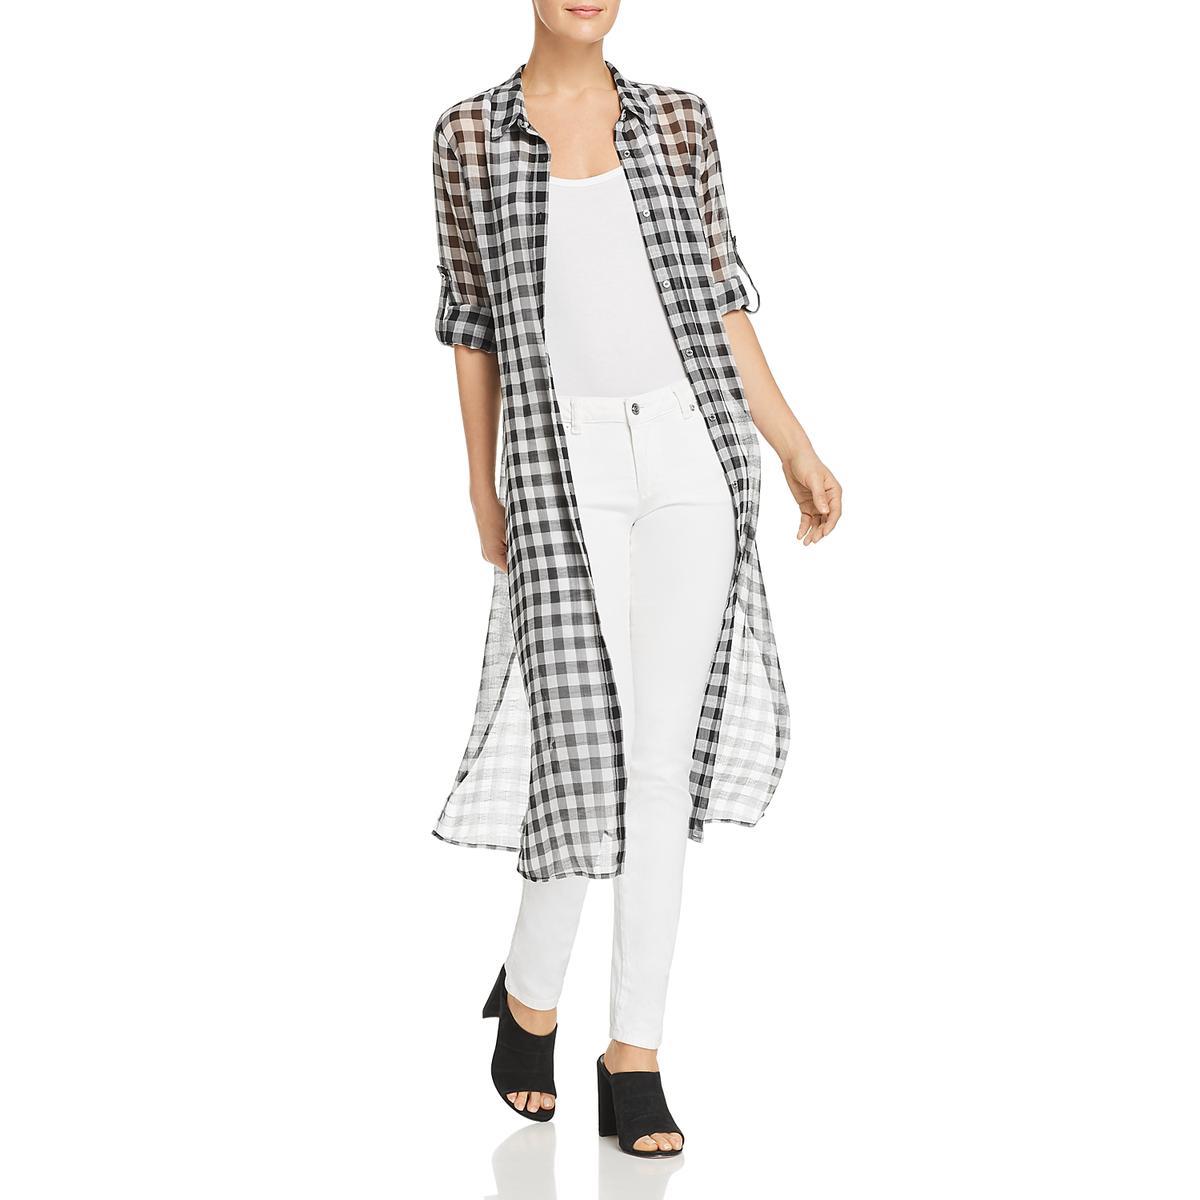 d91762de346fd Details about Calvin Klein Womens Black-Ivory Gingham Tea-Length Shirtdress  XL BHFO 3061